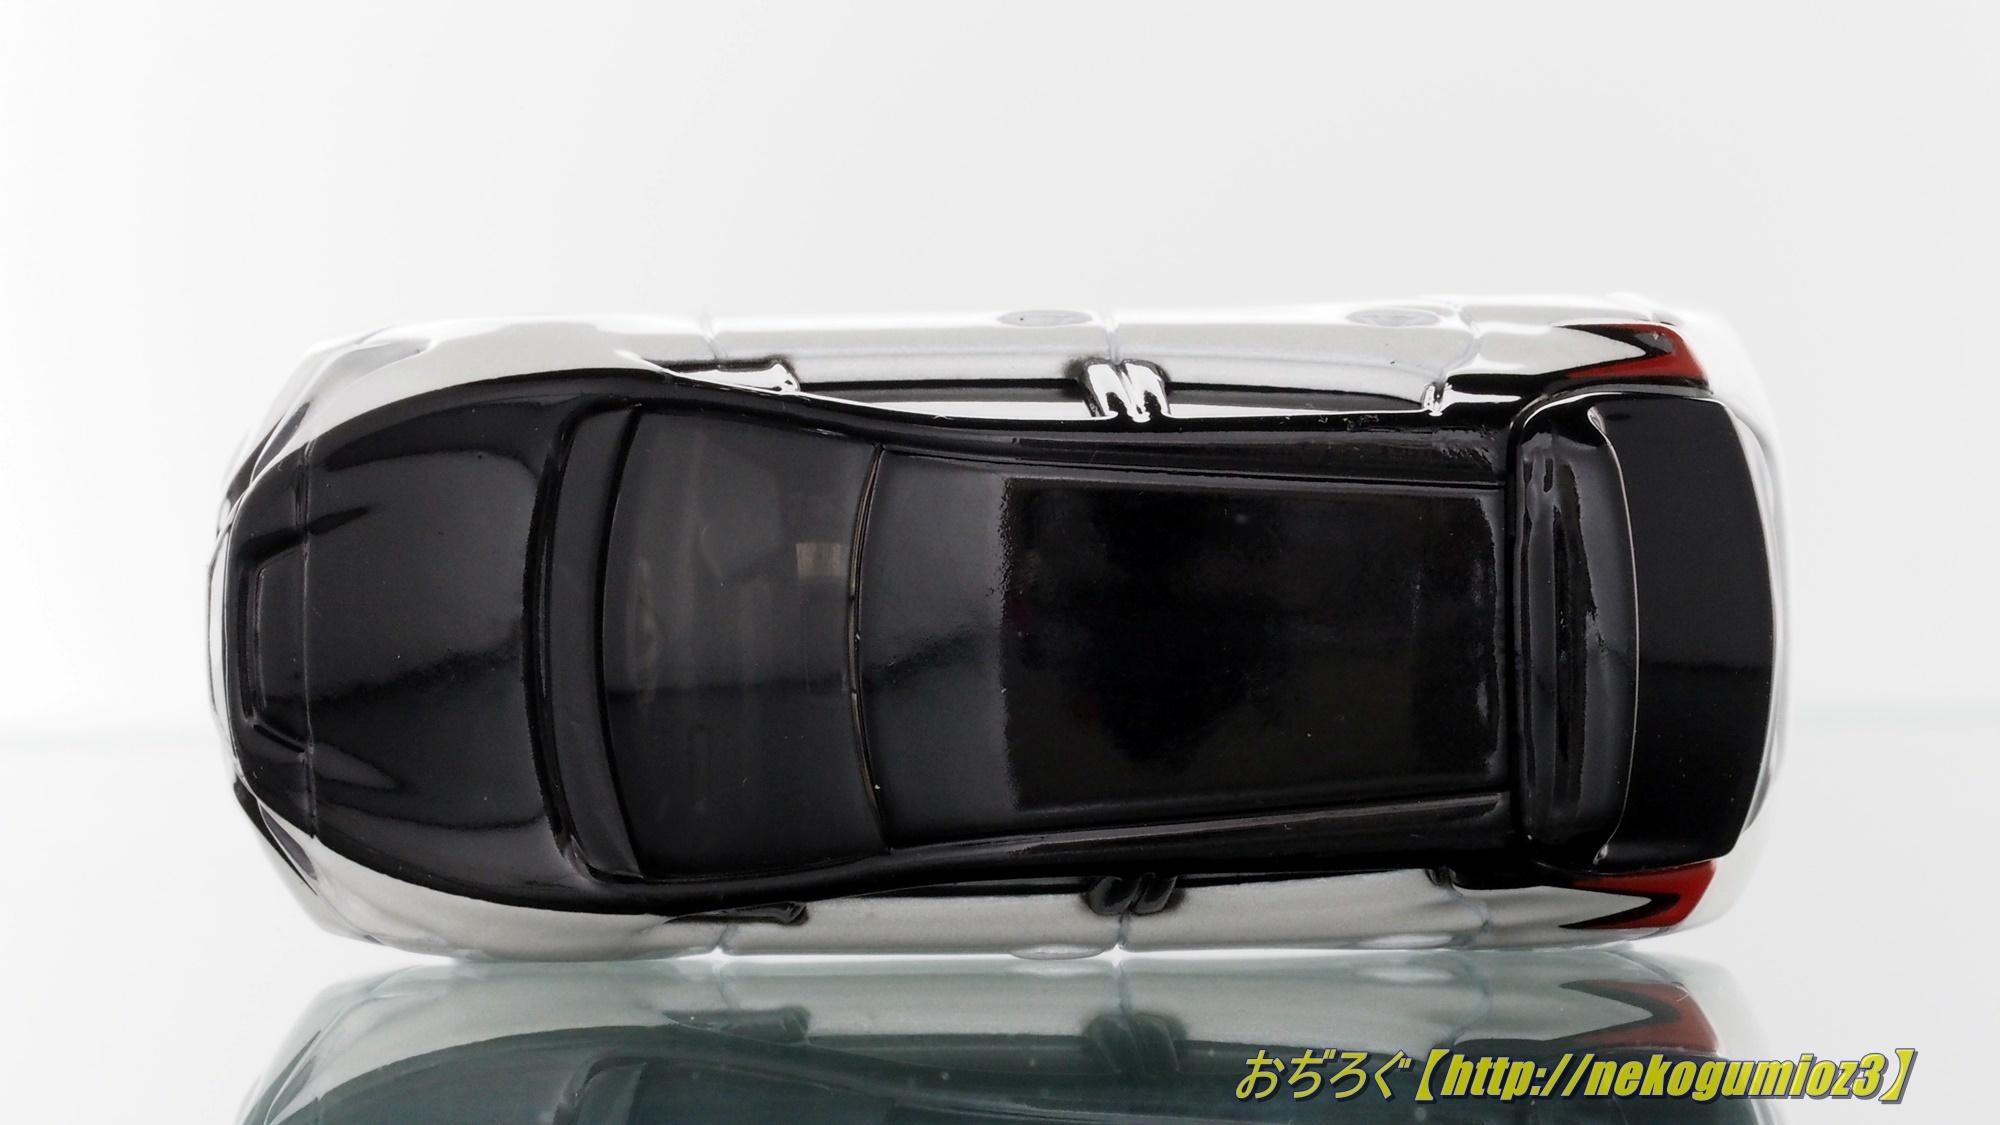 200525166.jpg